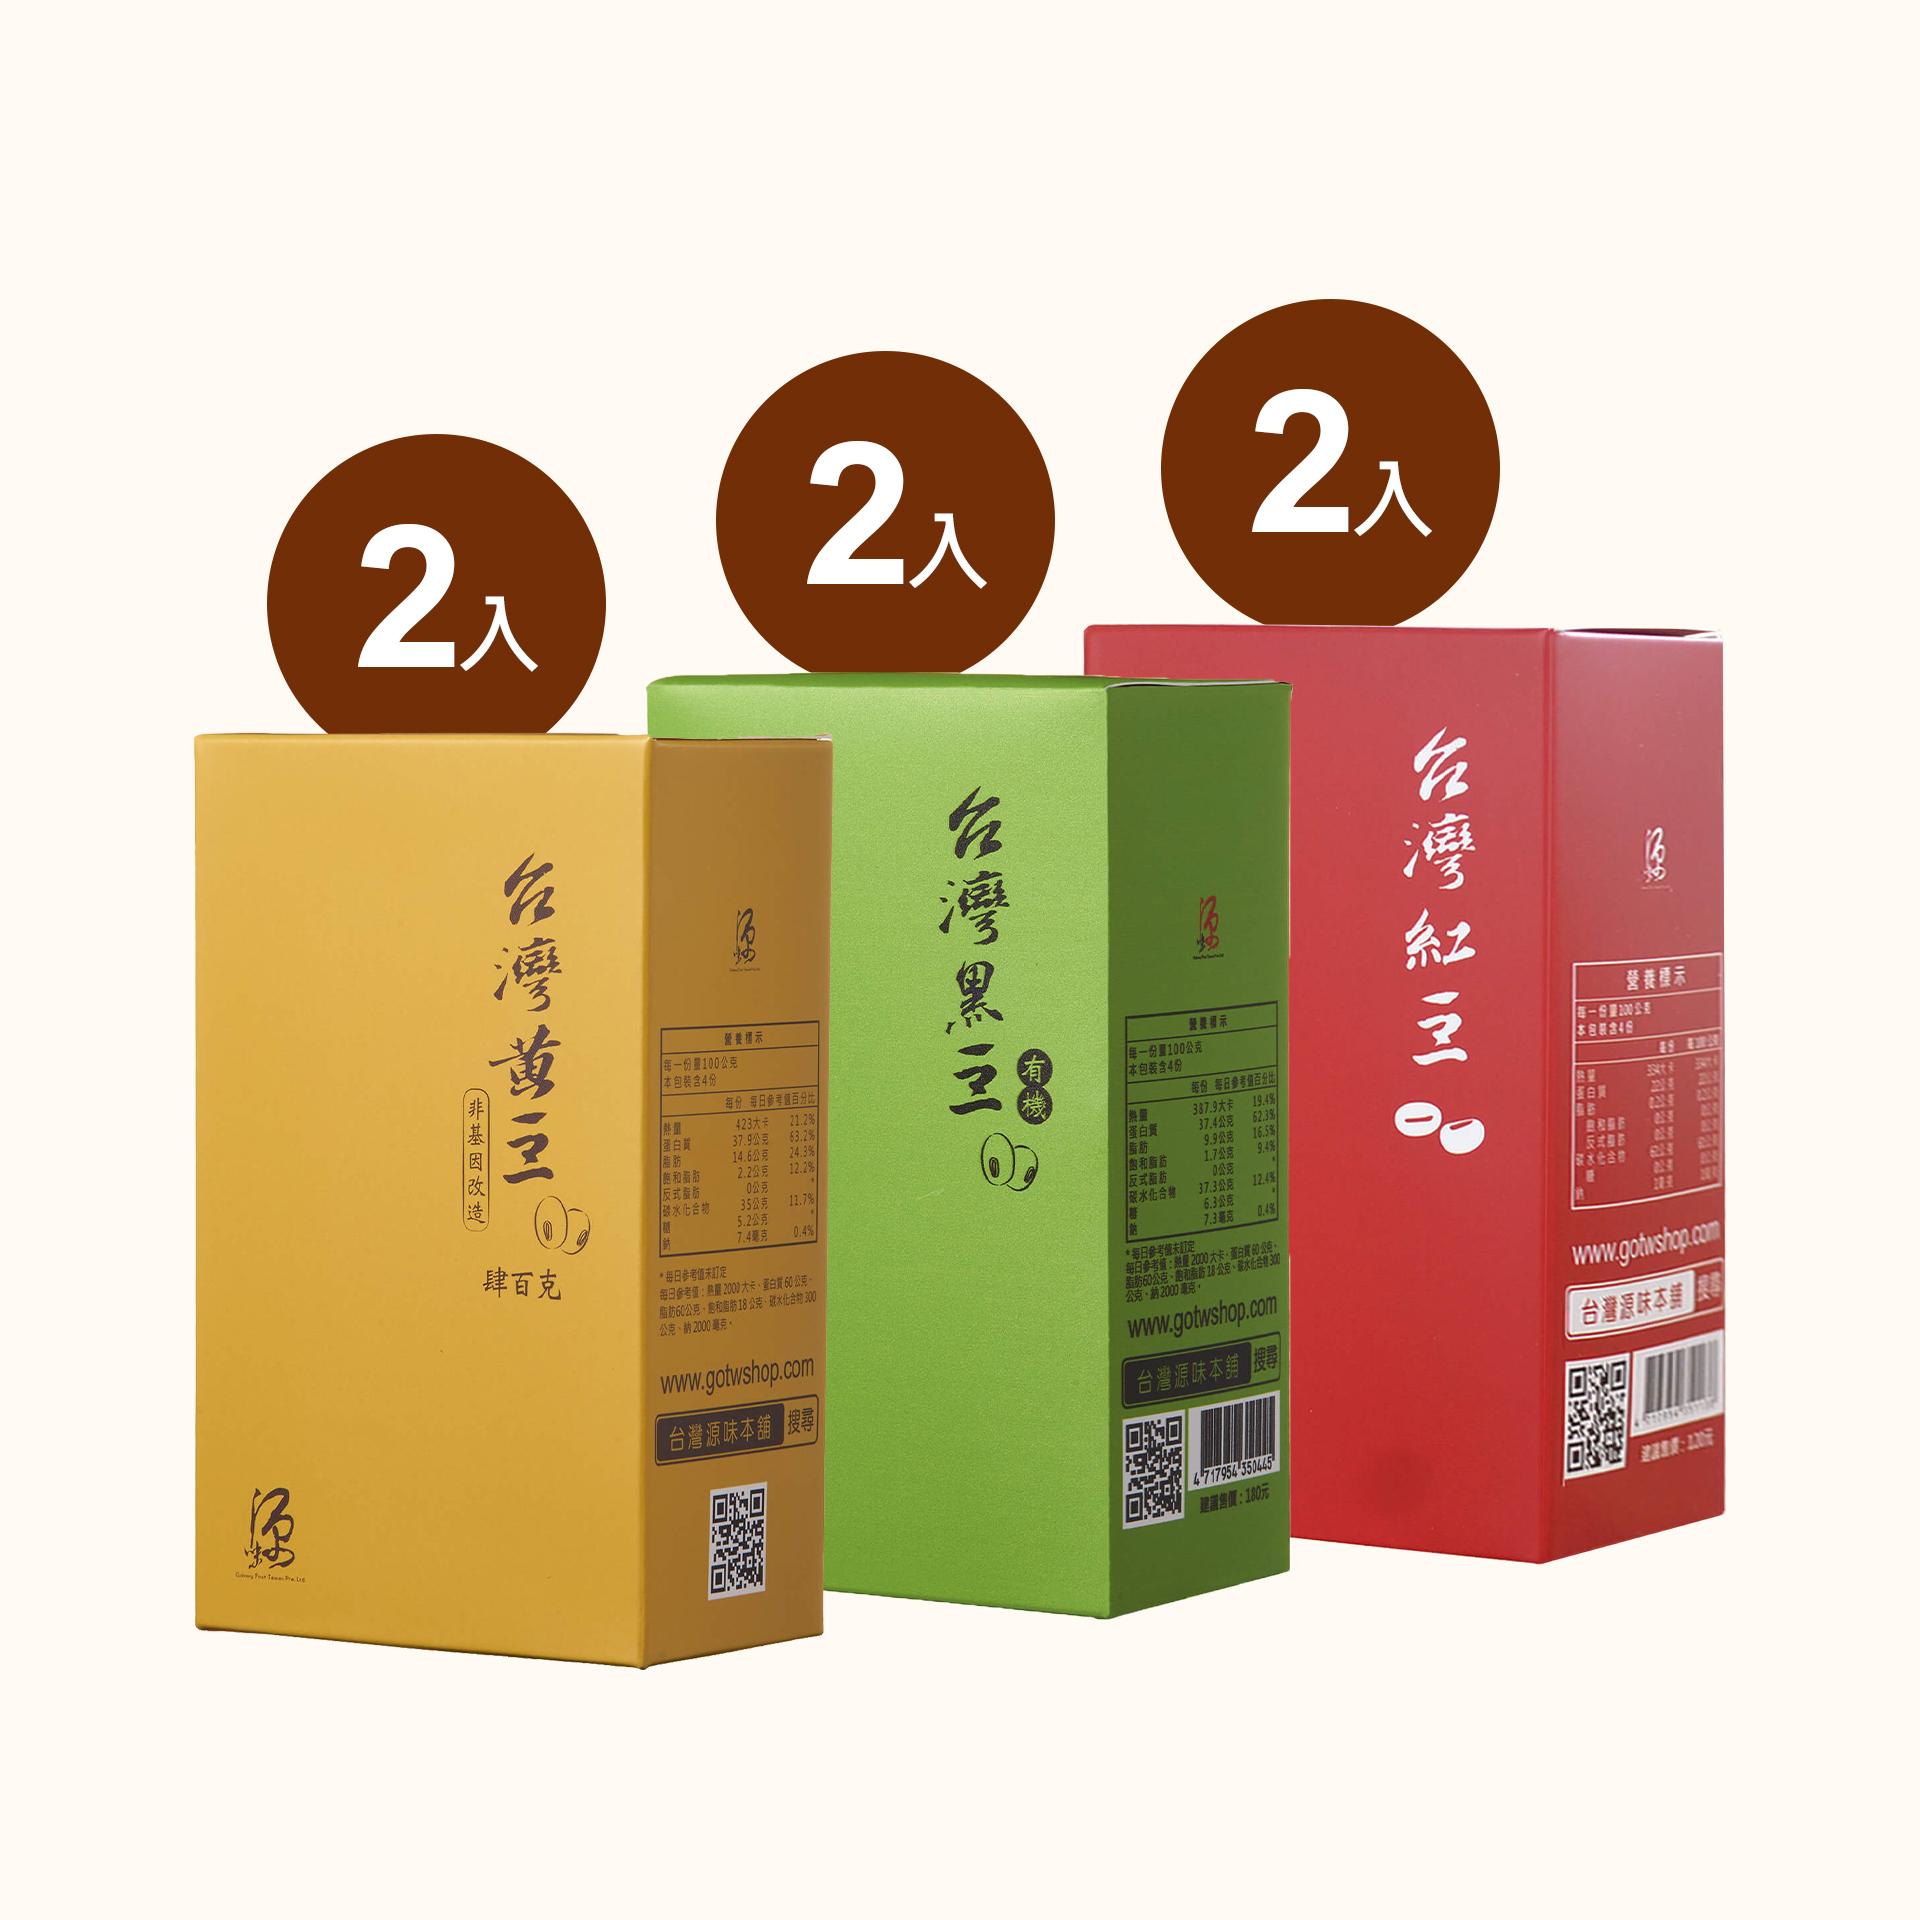 【宅家防疫組】台灣黃豆2入+台灣紅豆2入+台灣黑豆2入(共6入)